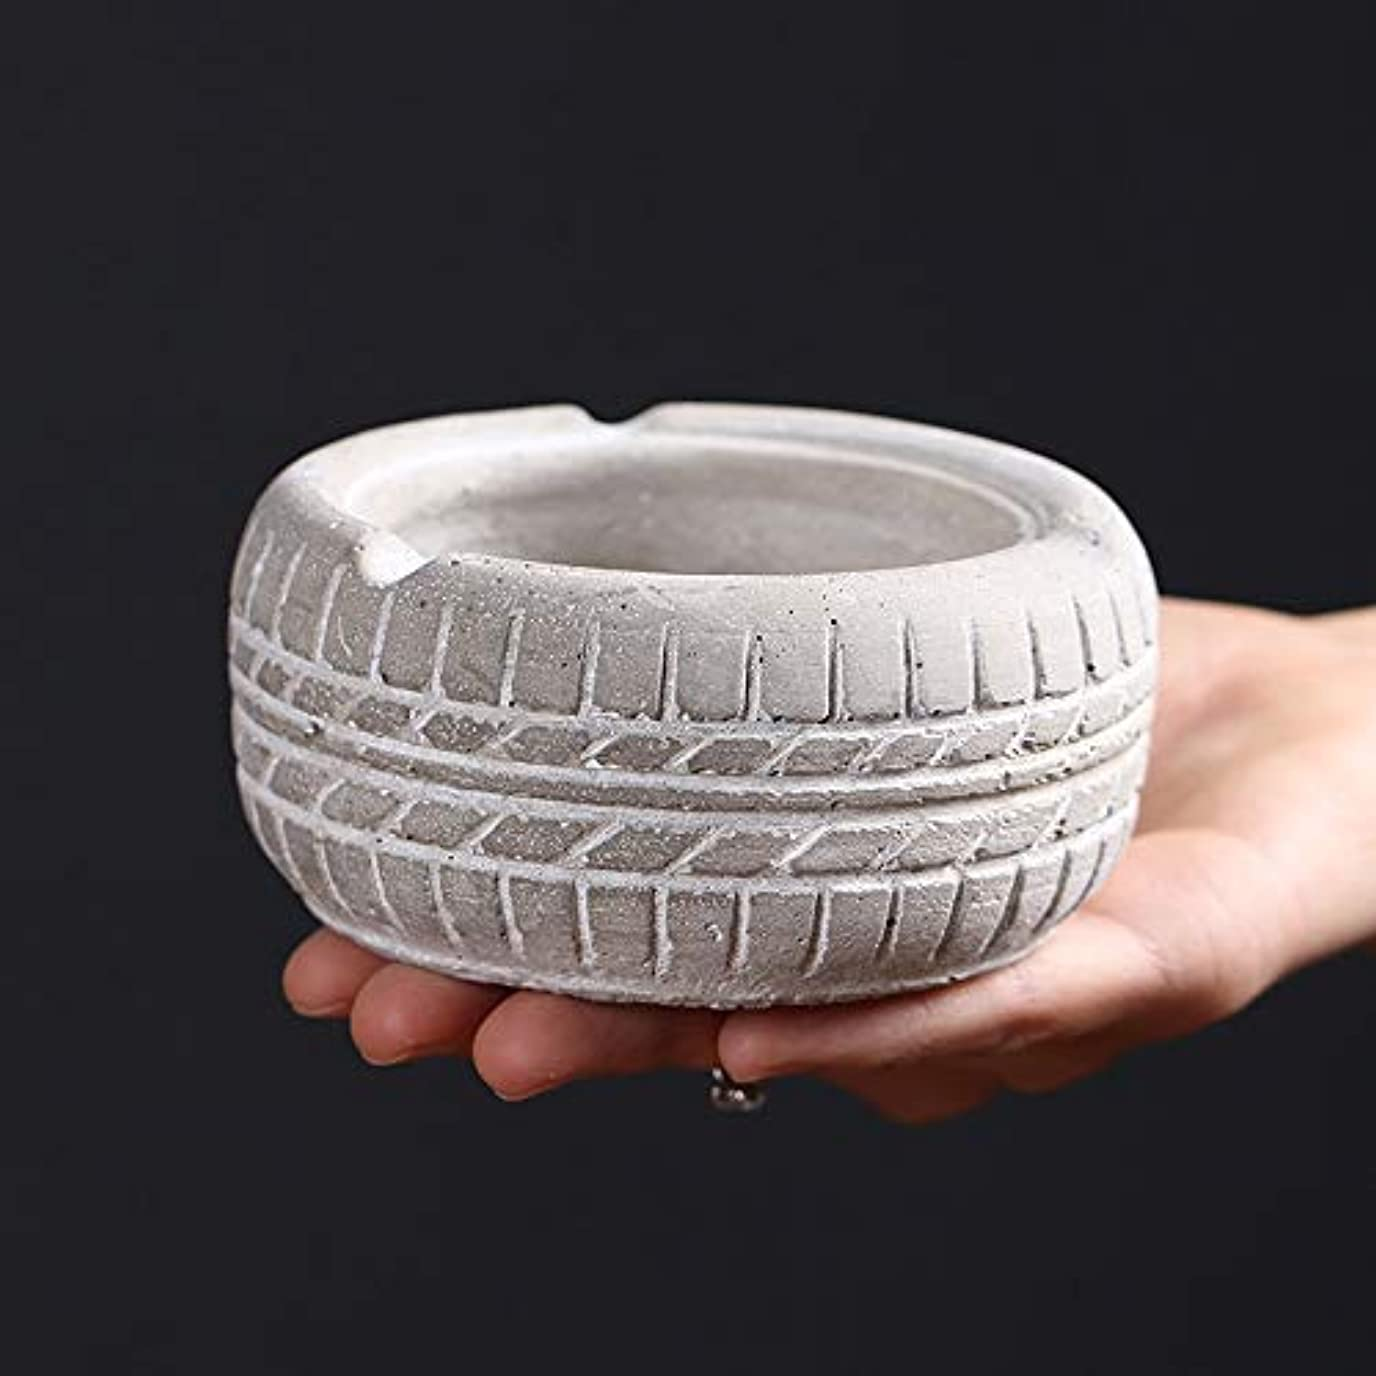 バーター順番時間厳守レトロな灰皿のタイヤの形、パーソナライズされた創造的な灰皿のデスクトップの装飾品、から選択するさまざまな色 (Size : 白)